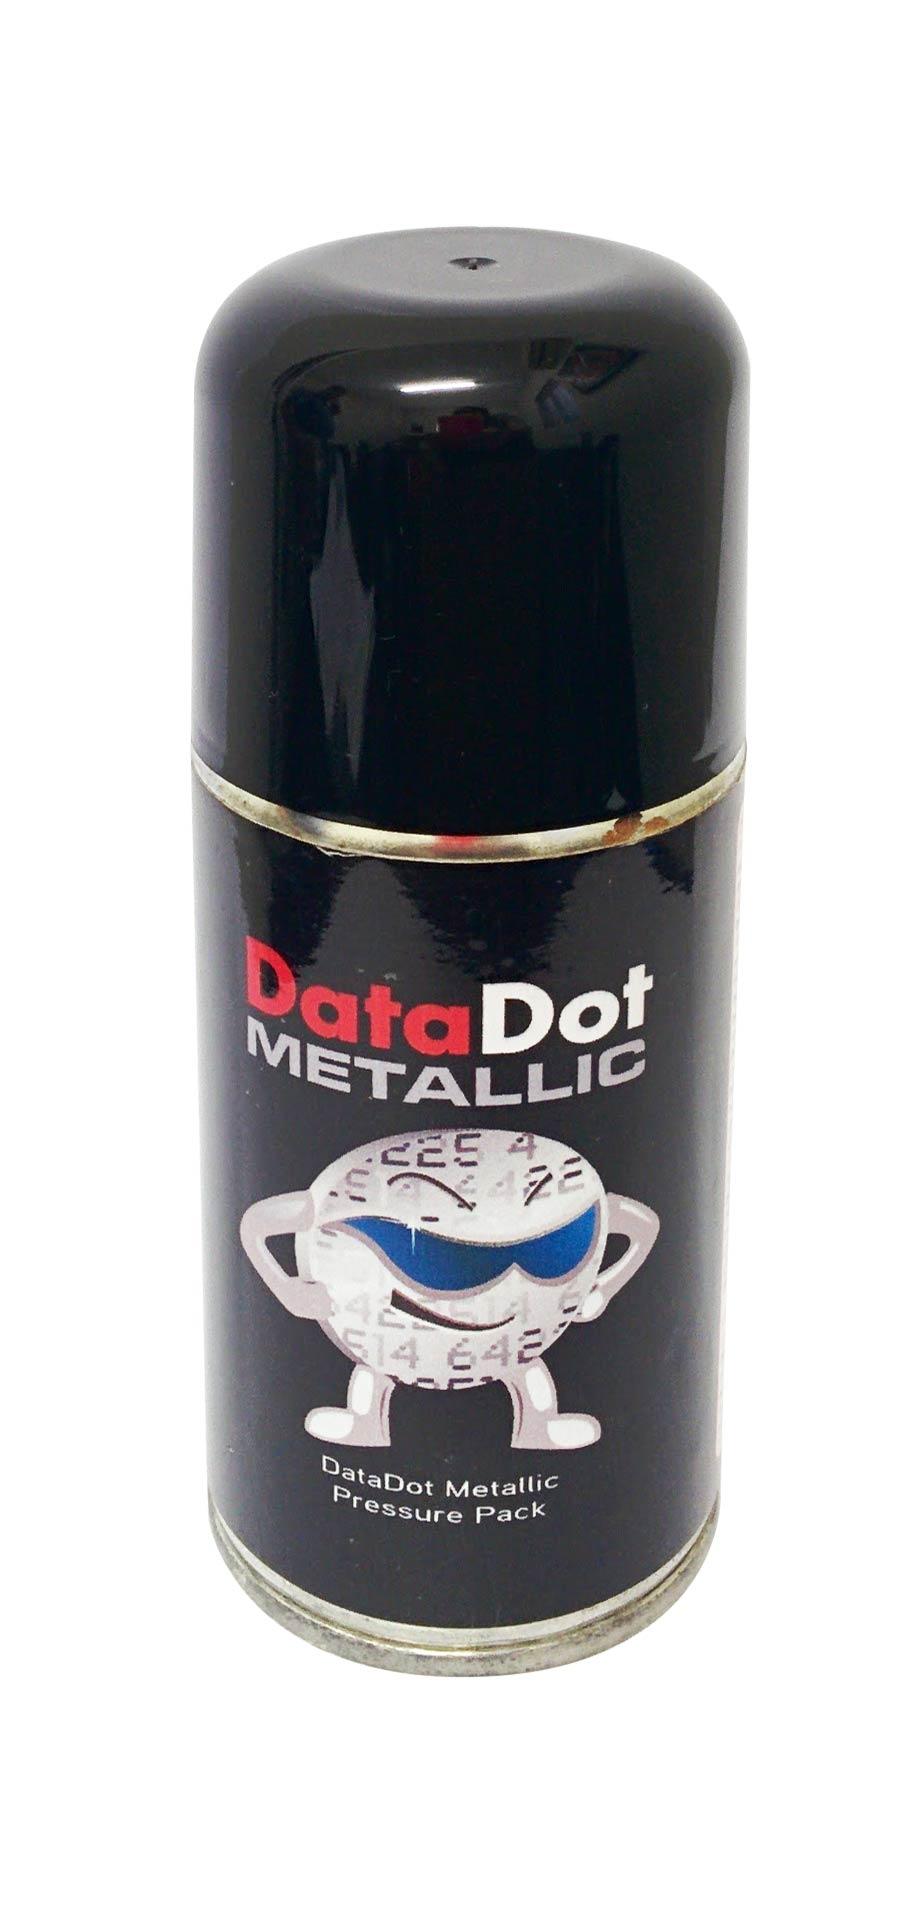 Datadot_Metallic.jpg